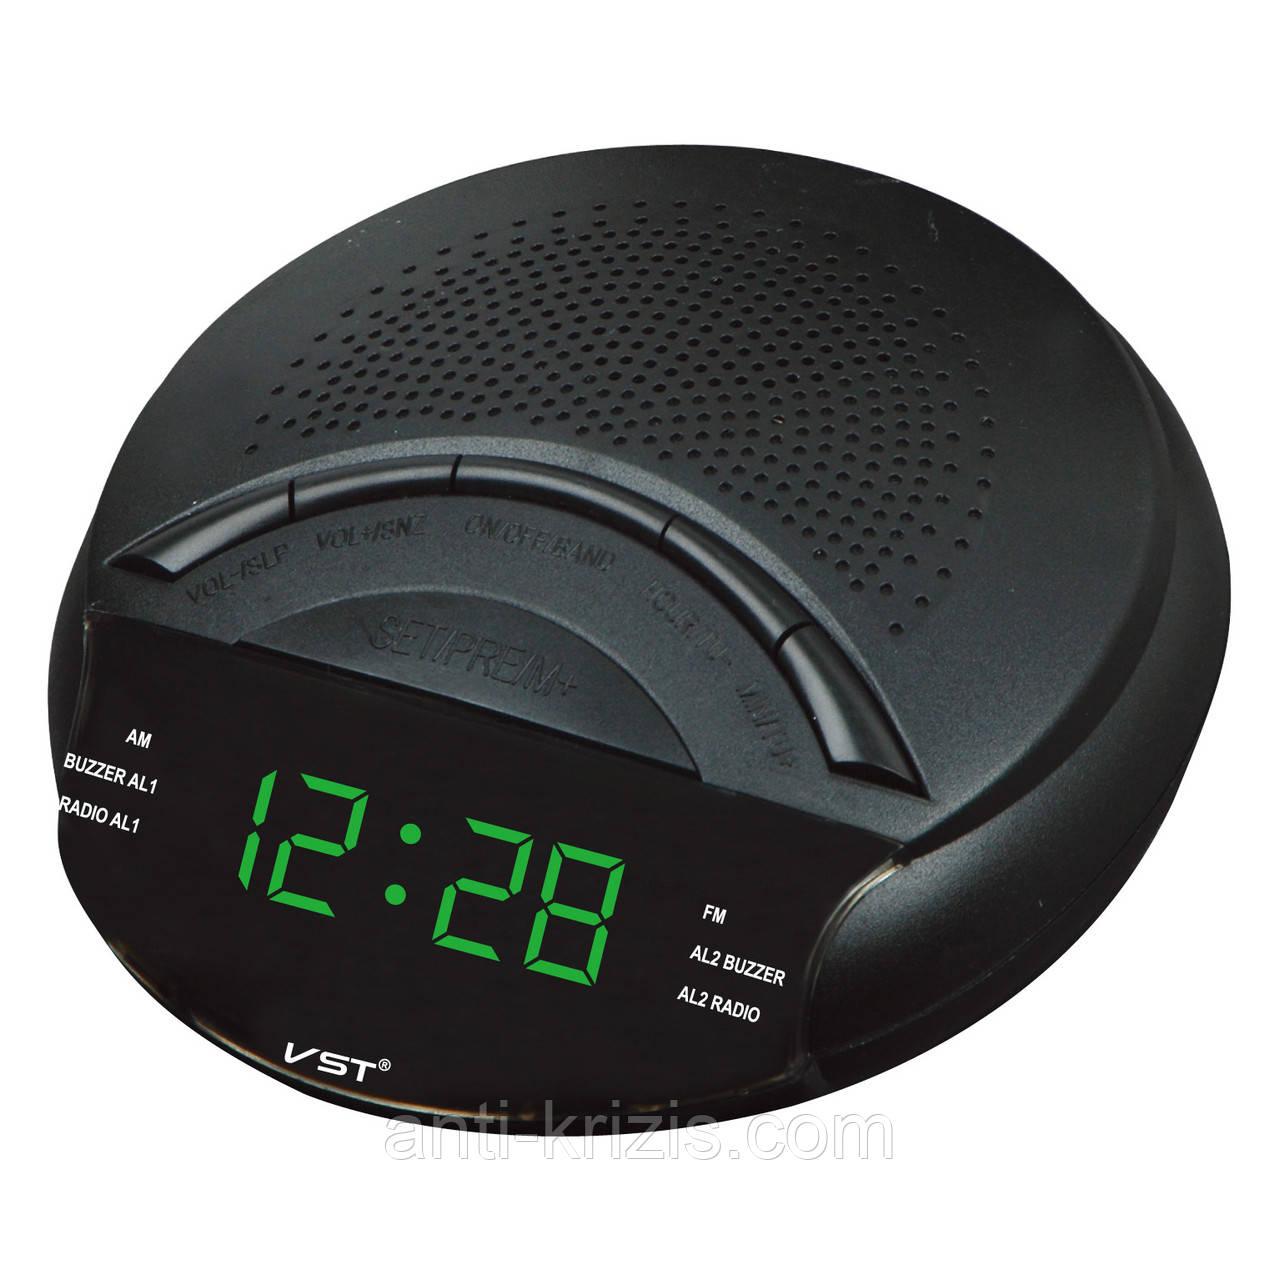 Часы сетевые 903-2 зеленые, радио FM